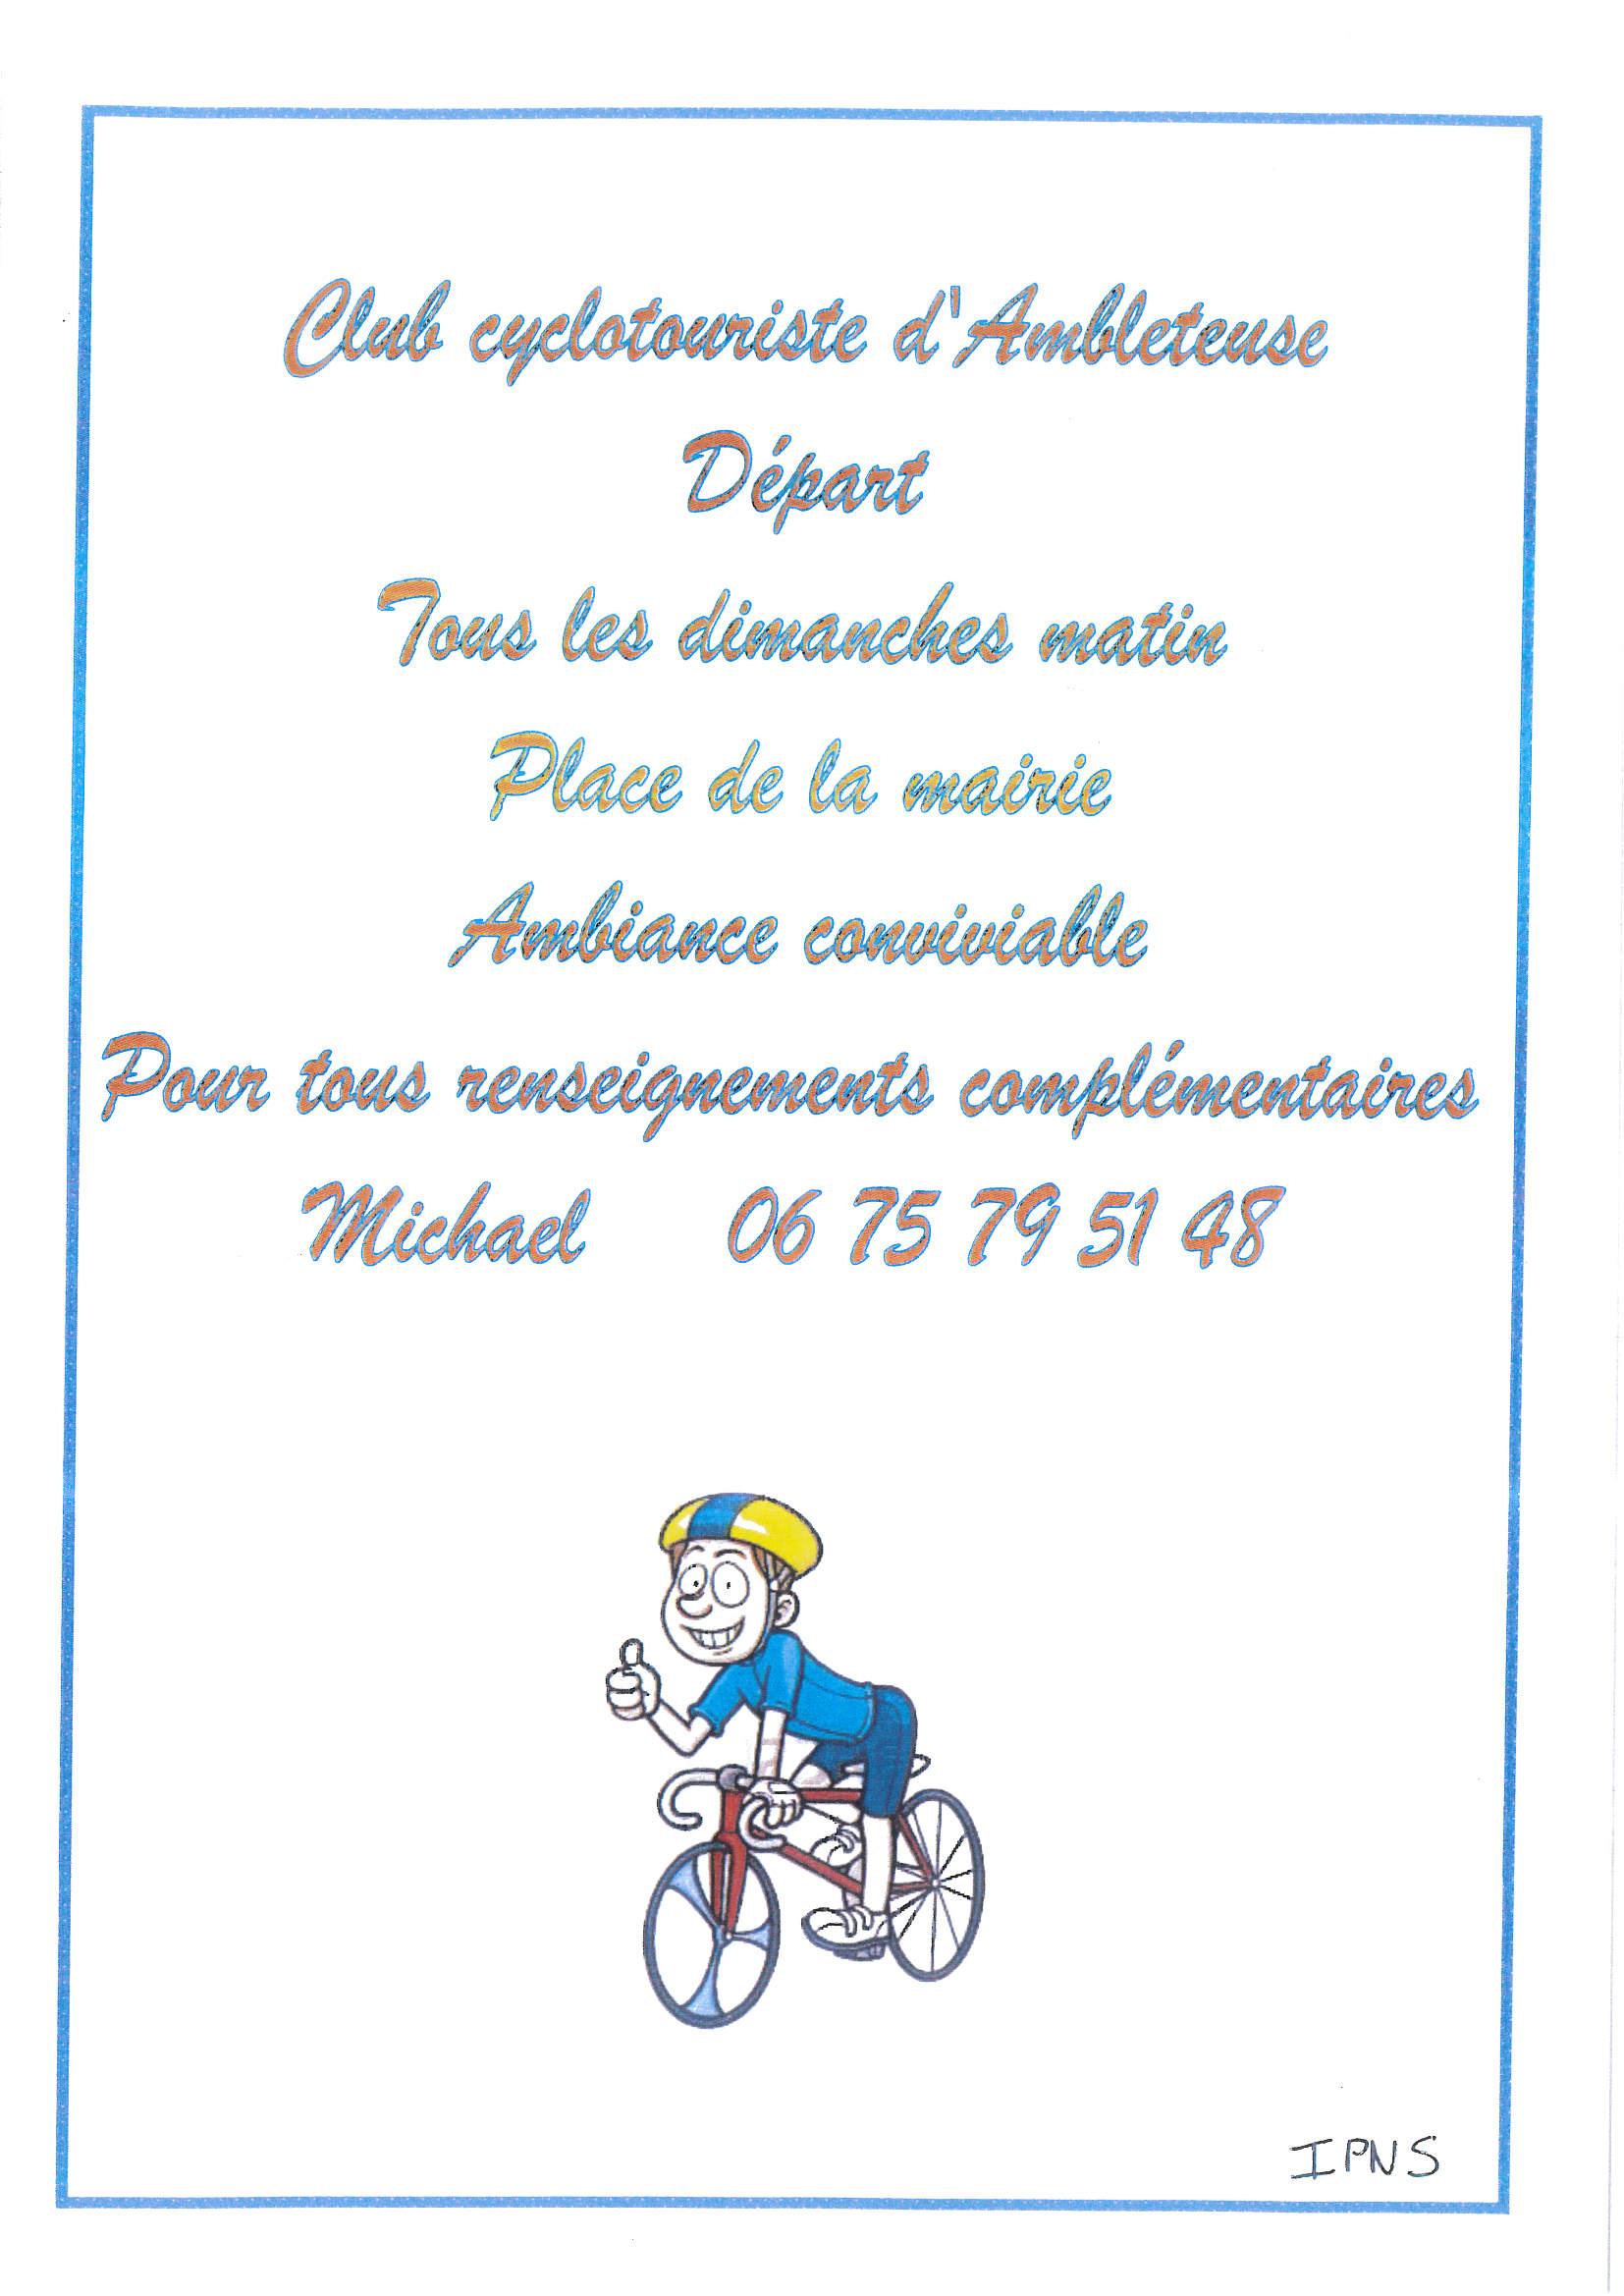 clubciclotouriste_001.jpg